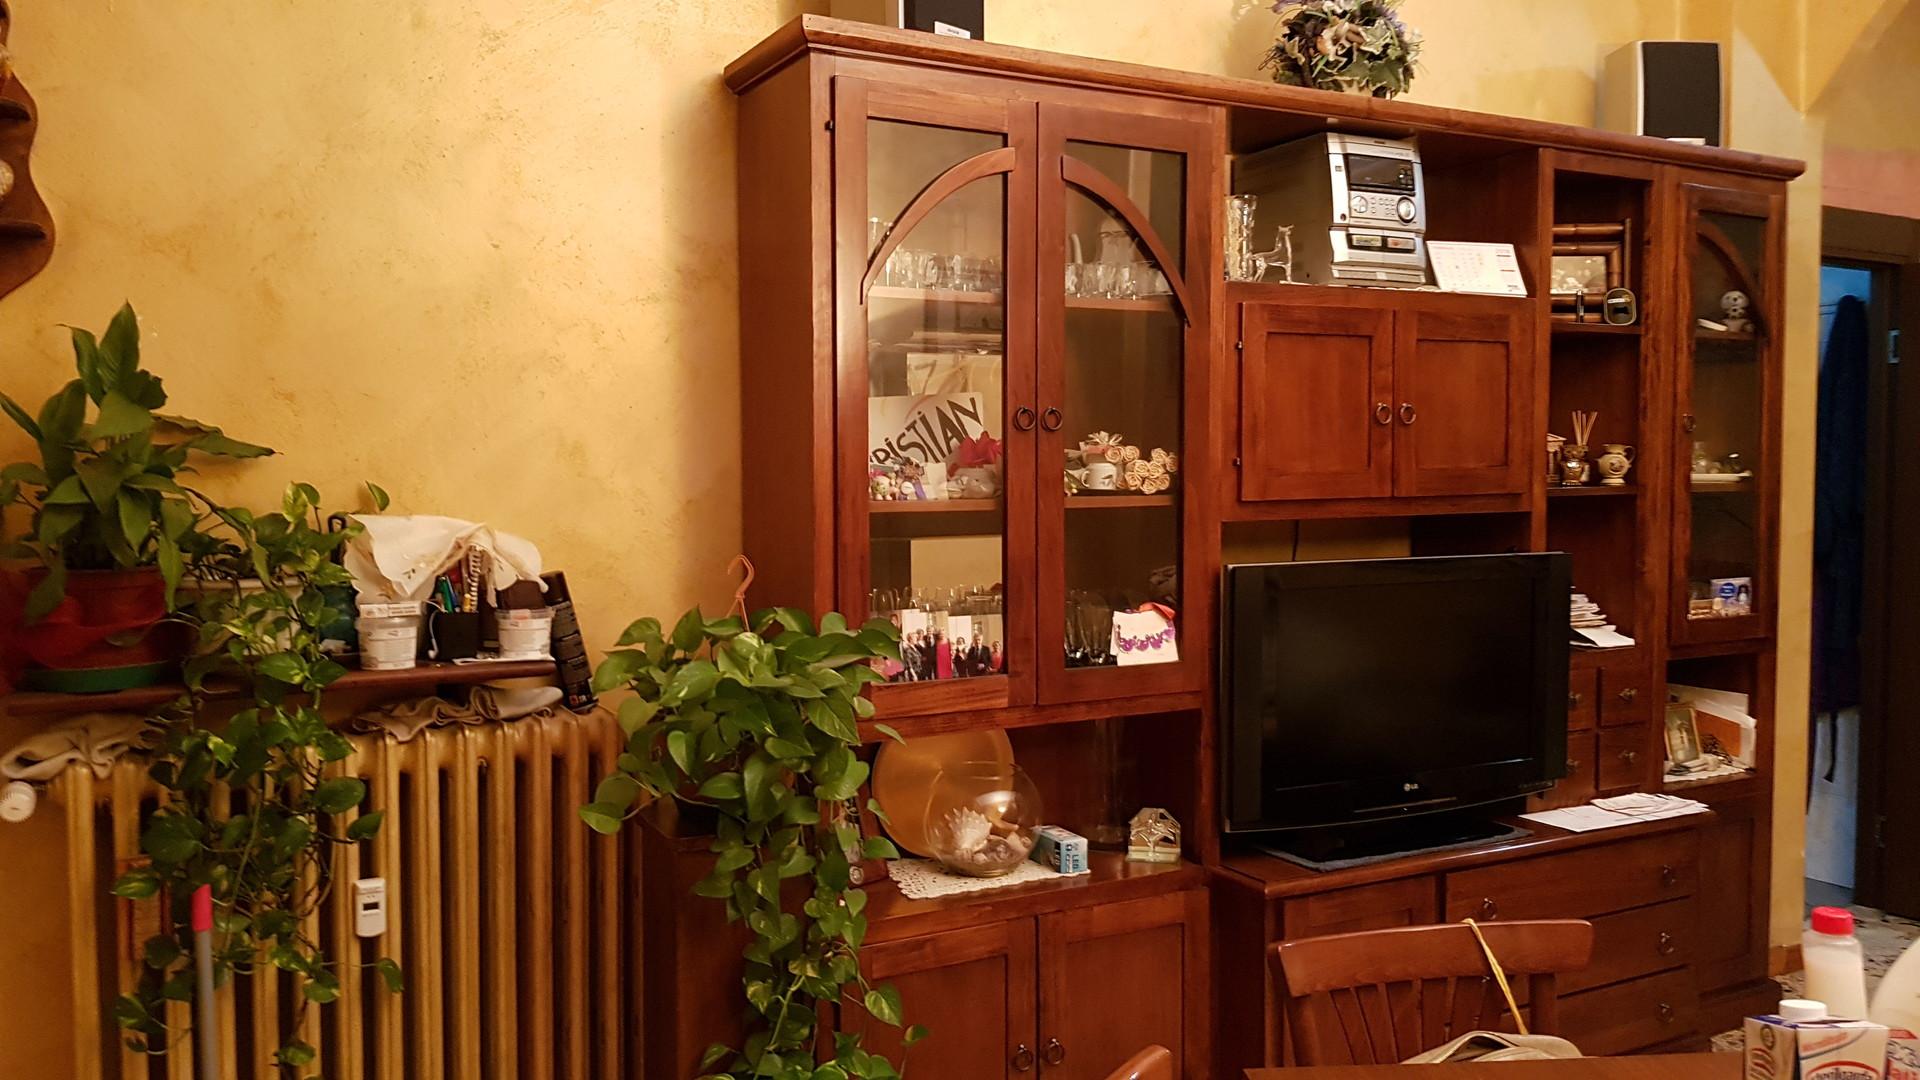 camera-letto-in-appartamento-completa-tutti-i-confort-da3bf50dab32e087430cfa35697b66f8